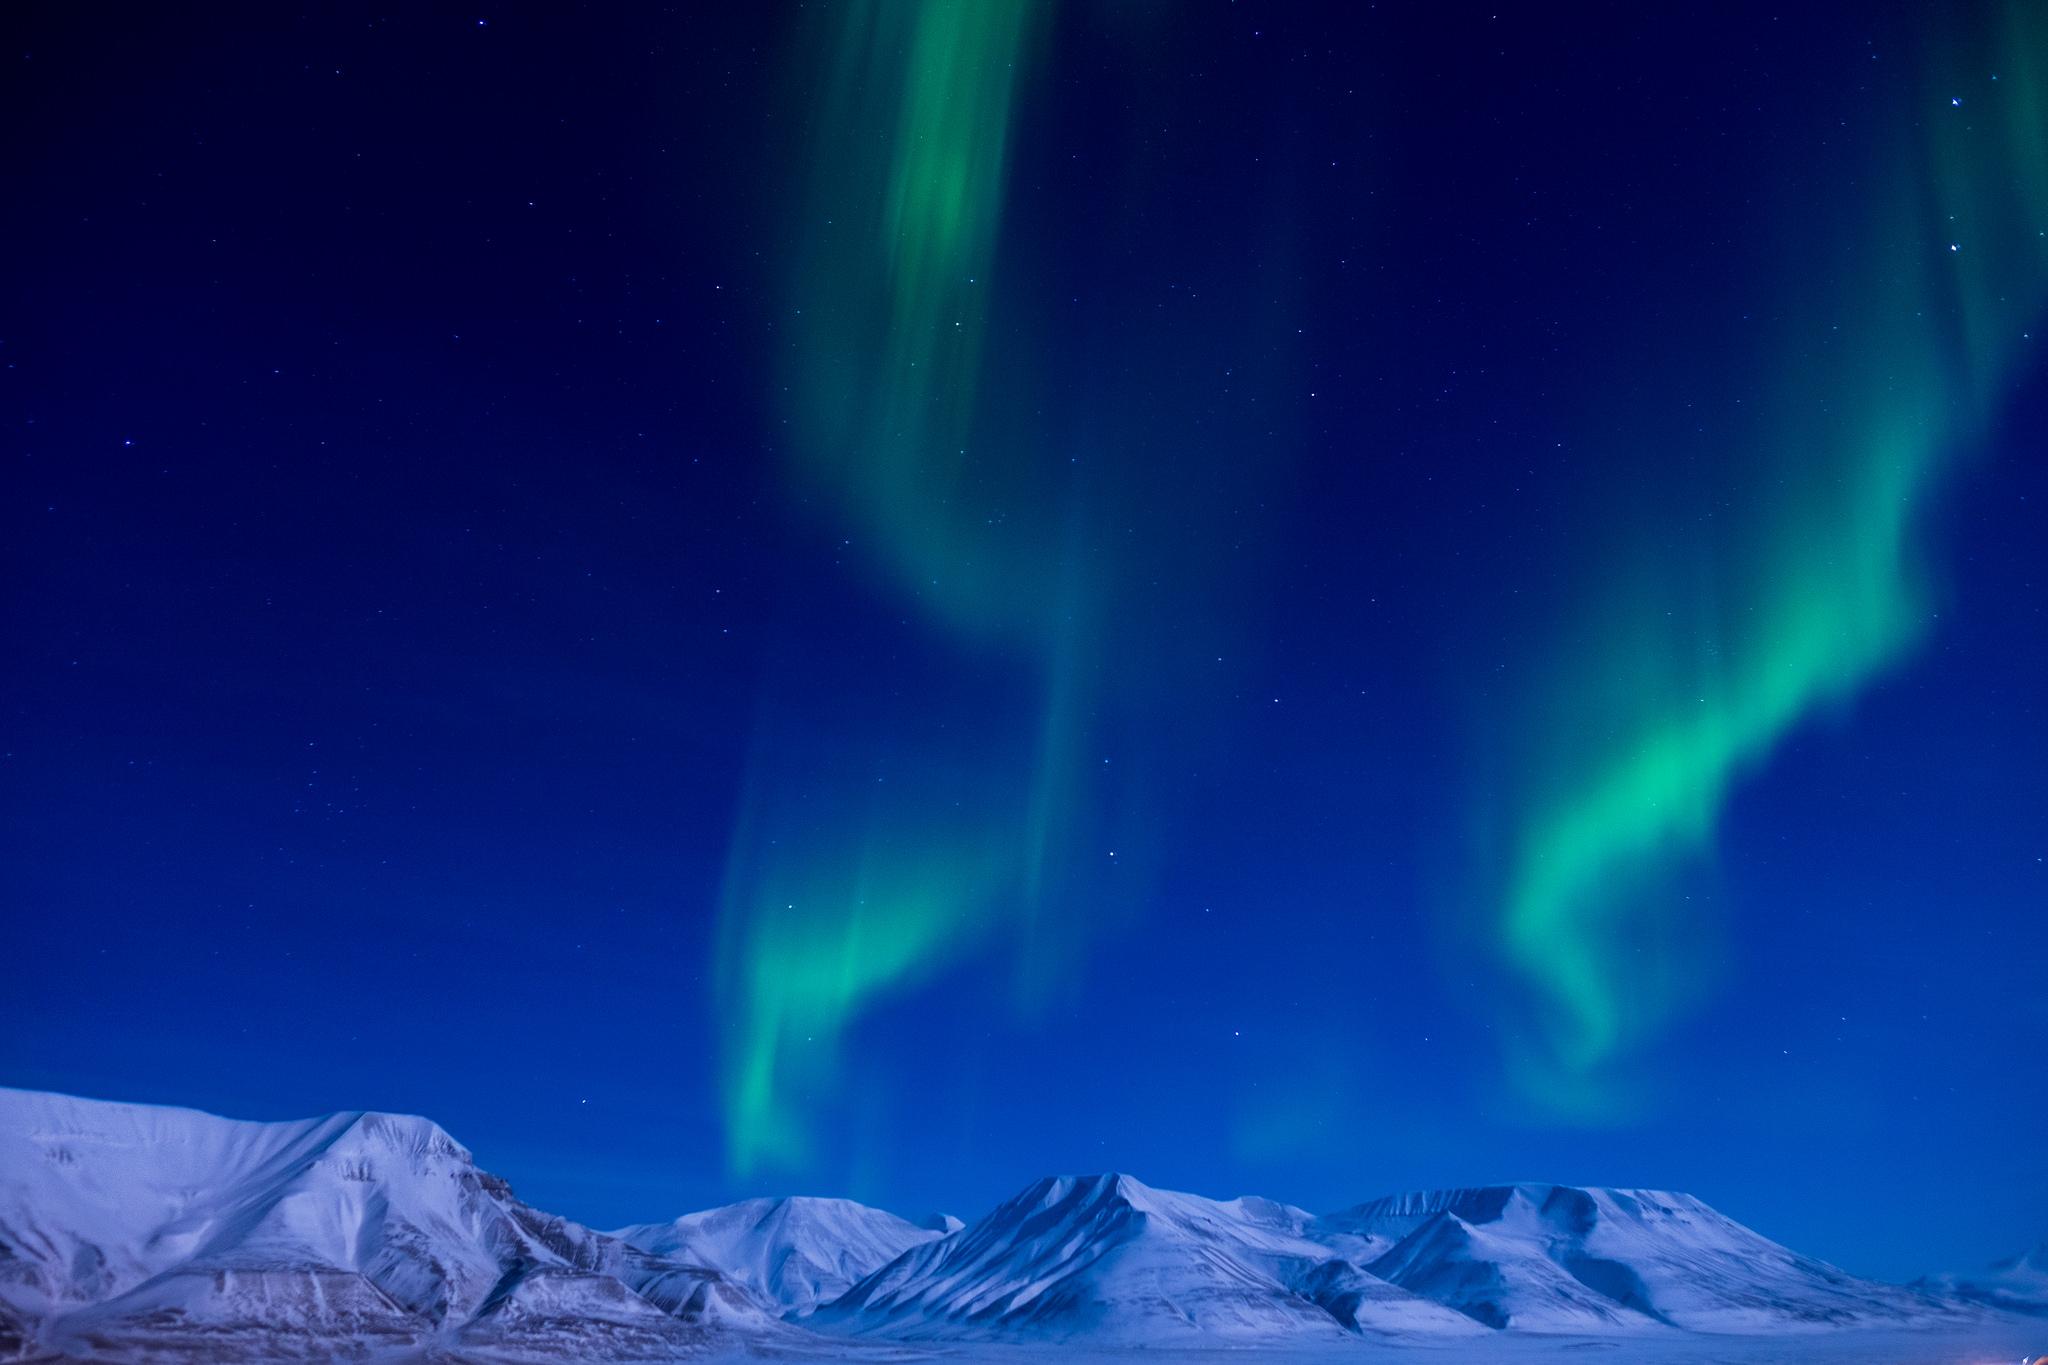 Noorderlicht Spitsbergen aurora borealis Svalbard zeilreis zeilen Noorwegen SeaWind Adventures